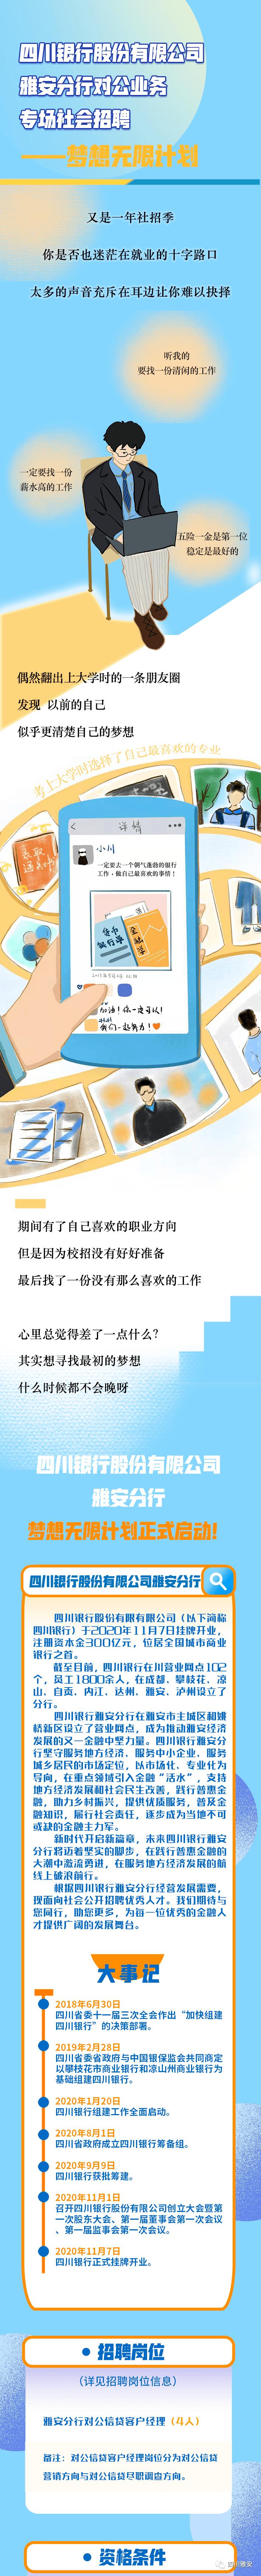 【招聘信息】四川银行雅安分行招人啦!